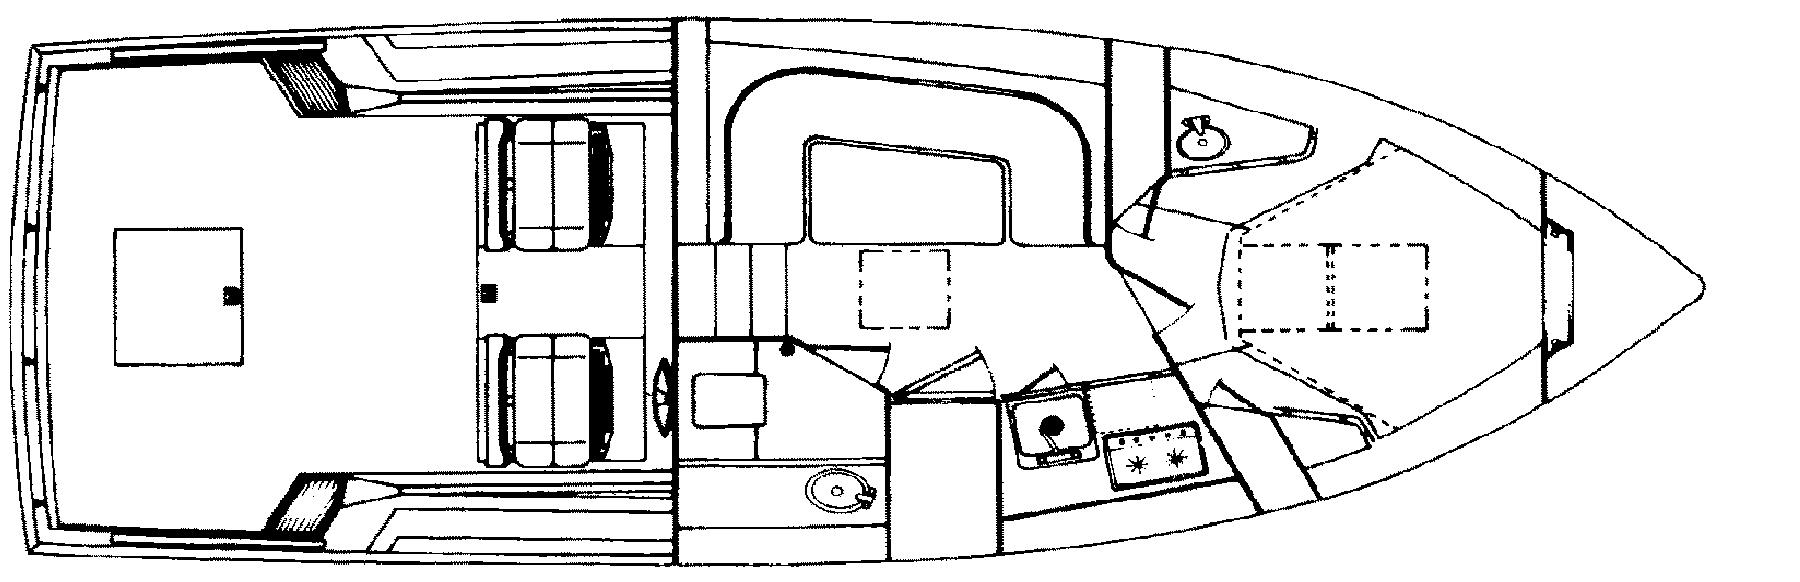 332 Express Floor Plan 2